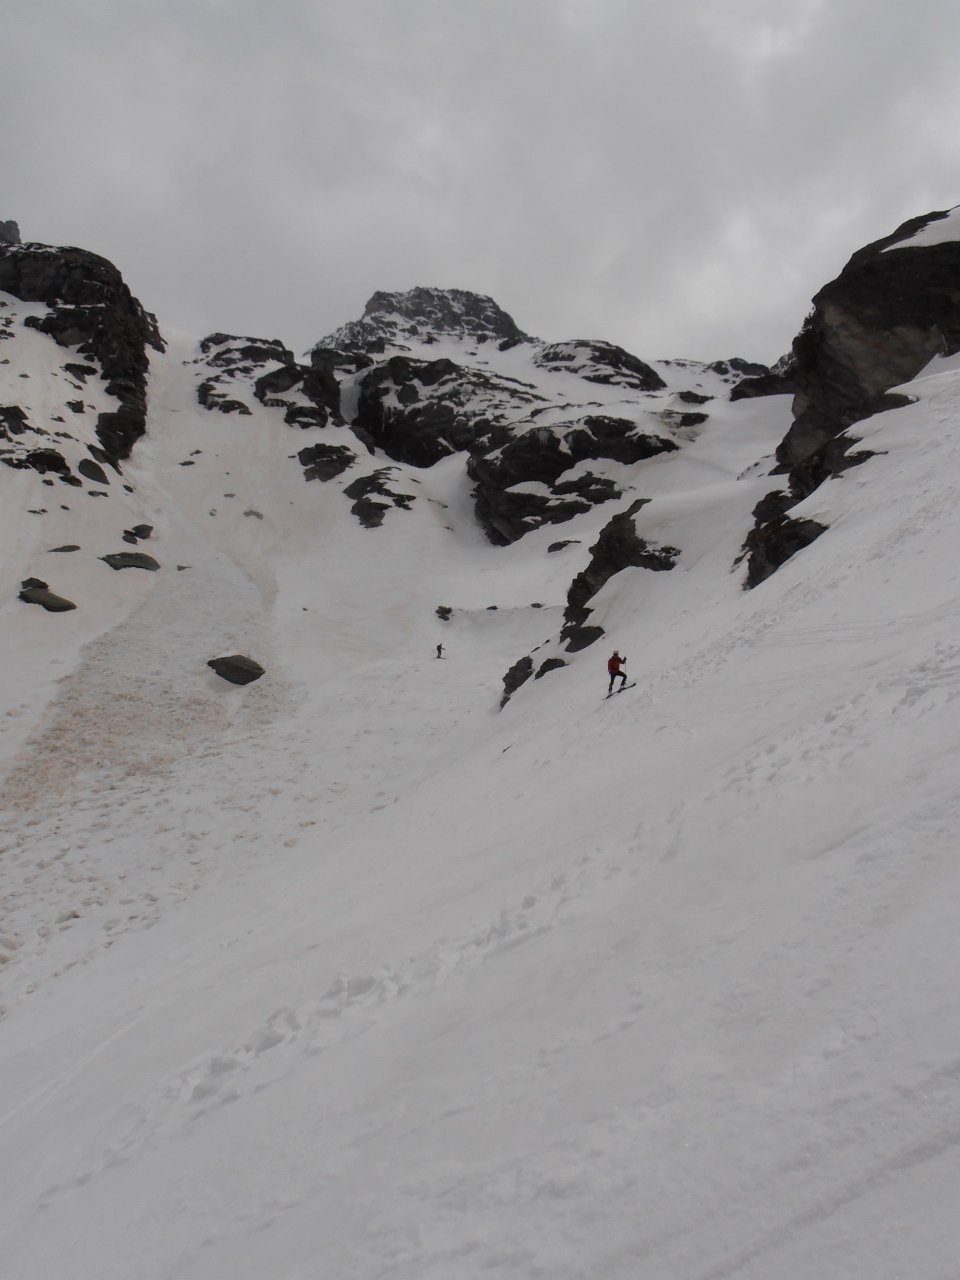 13 - fine parte tecnica, abbiamo sciato lì in mezzo